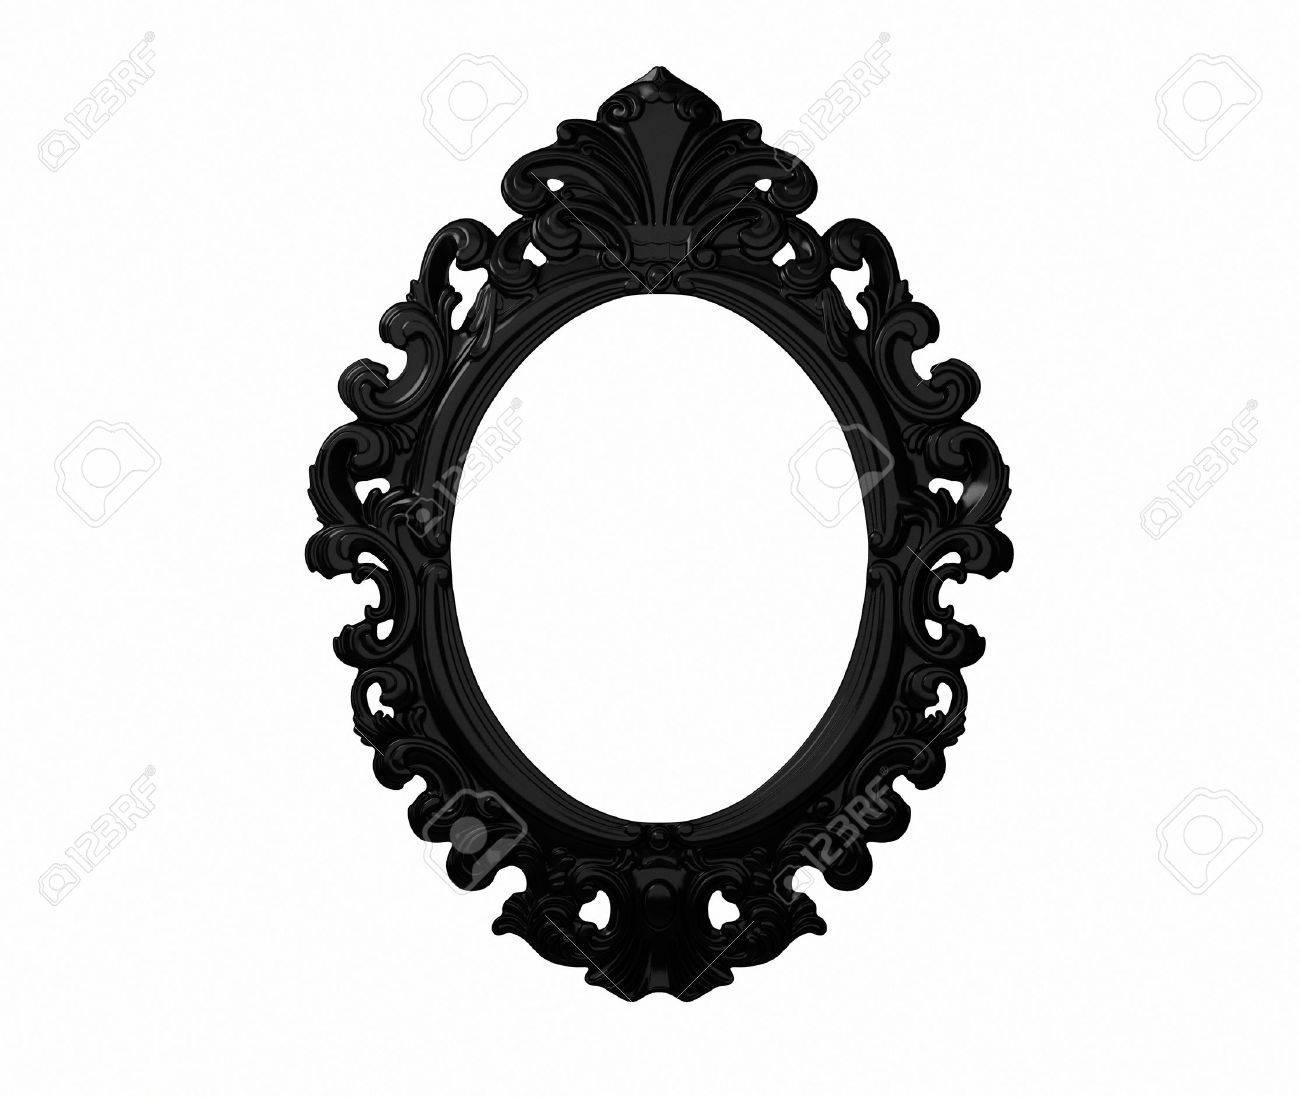 Vintage Black Photo Frames - Frame Design & Reviews ✓